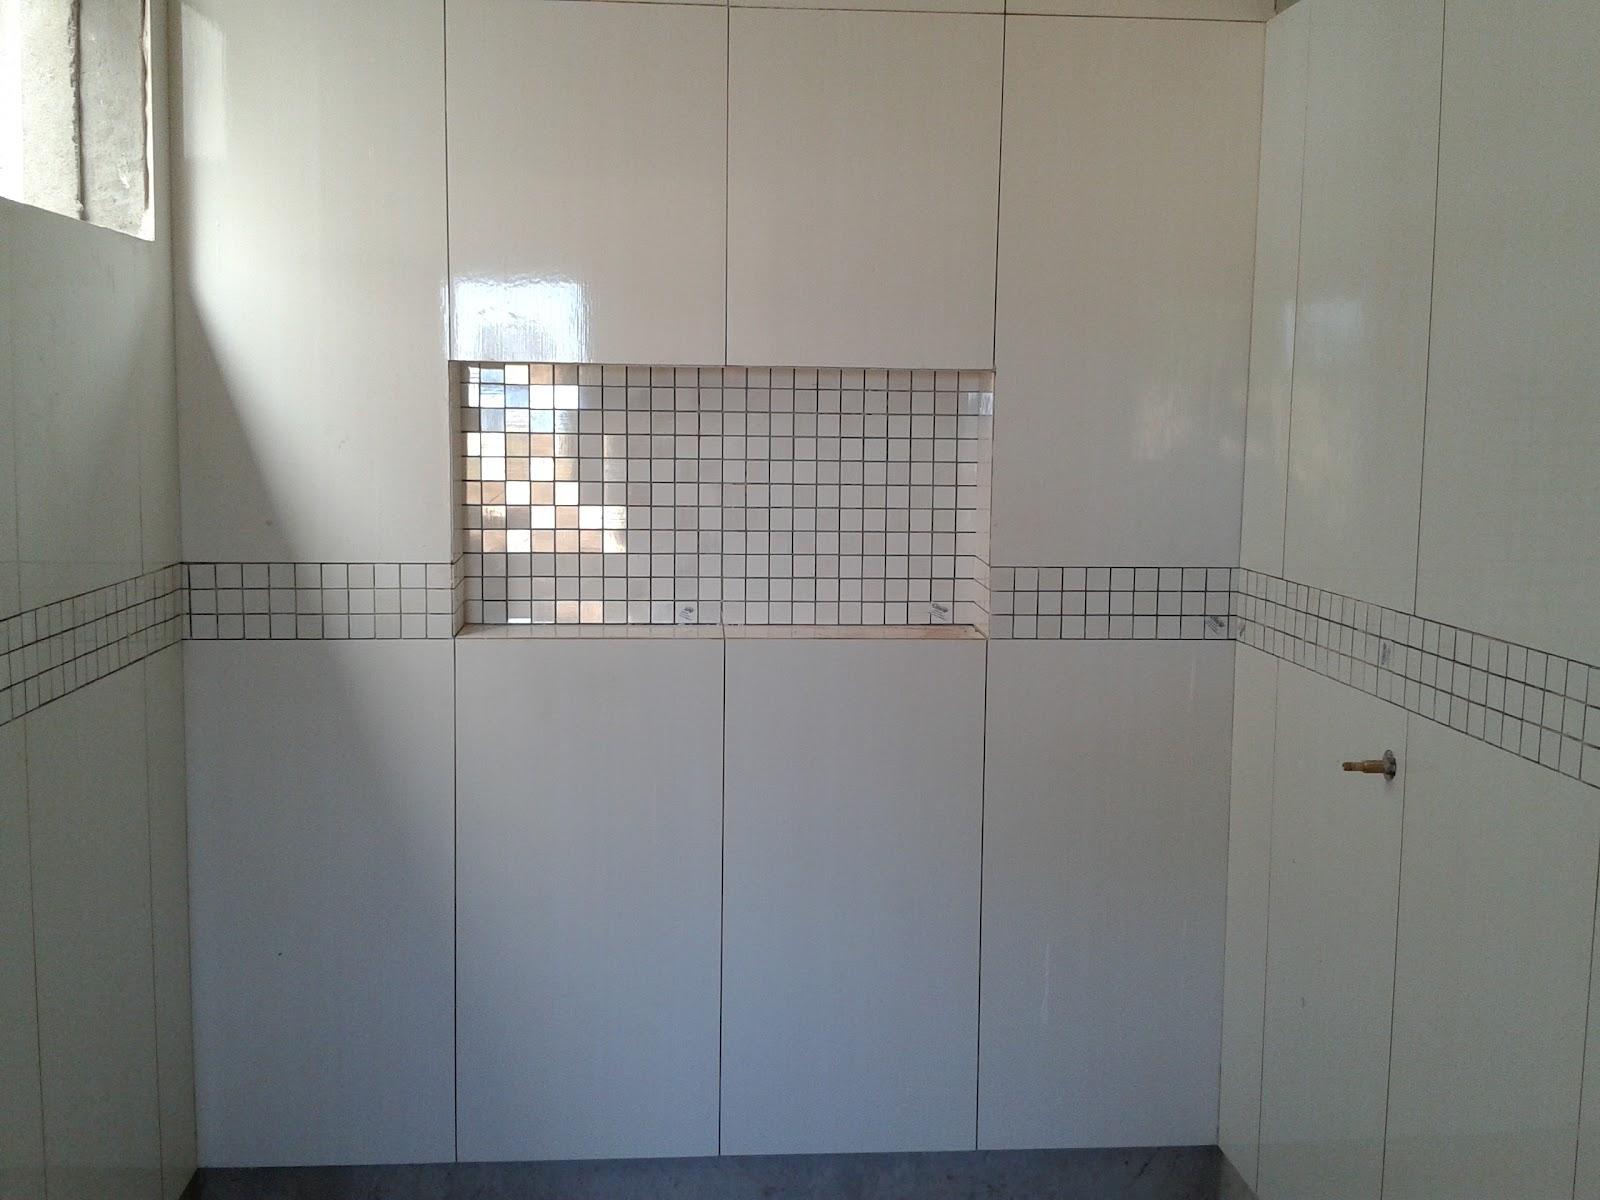 #3F4A5C Banheiro com as pastilhas colocadas olhem meu nicho! Adorei! 1600x1200 px Banheiro Nicho Pastilhas 2731